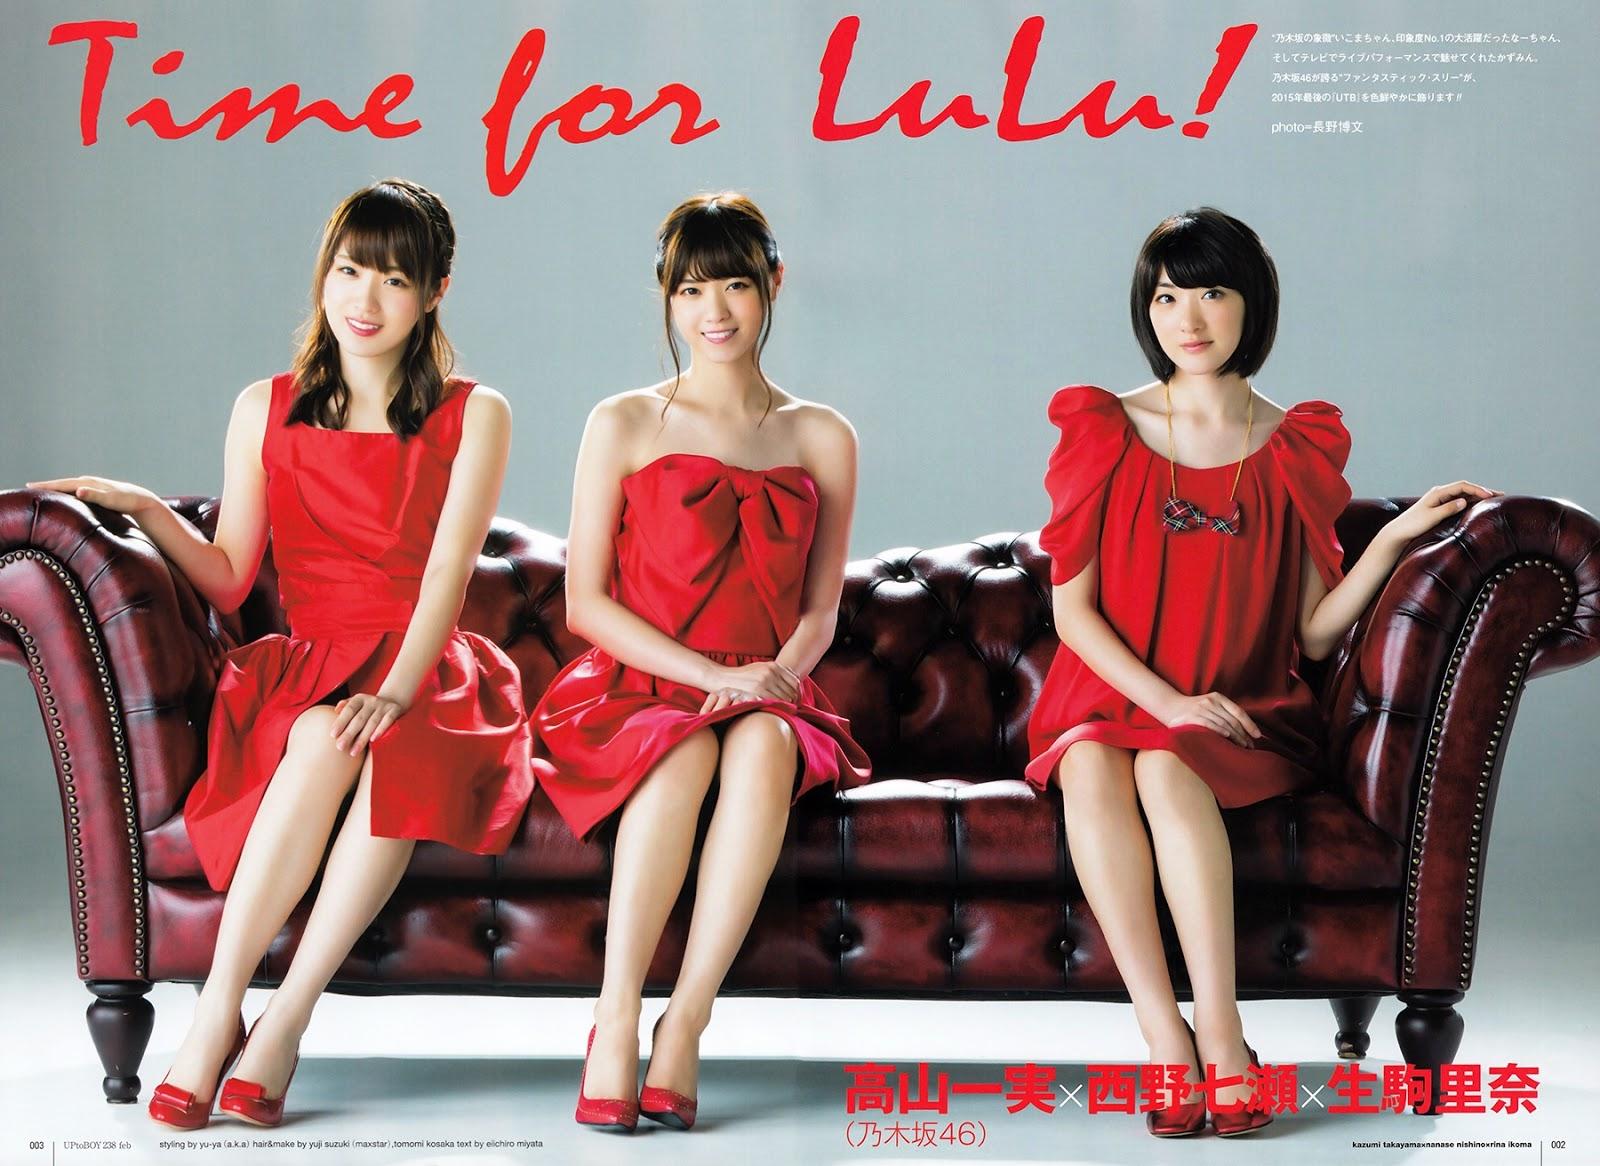 赤いドレスを着用し西野七瀬と生駒里奈と撮影している高山一実